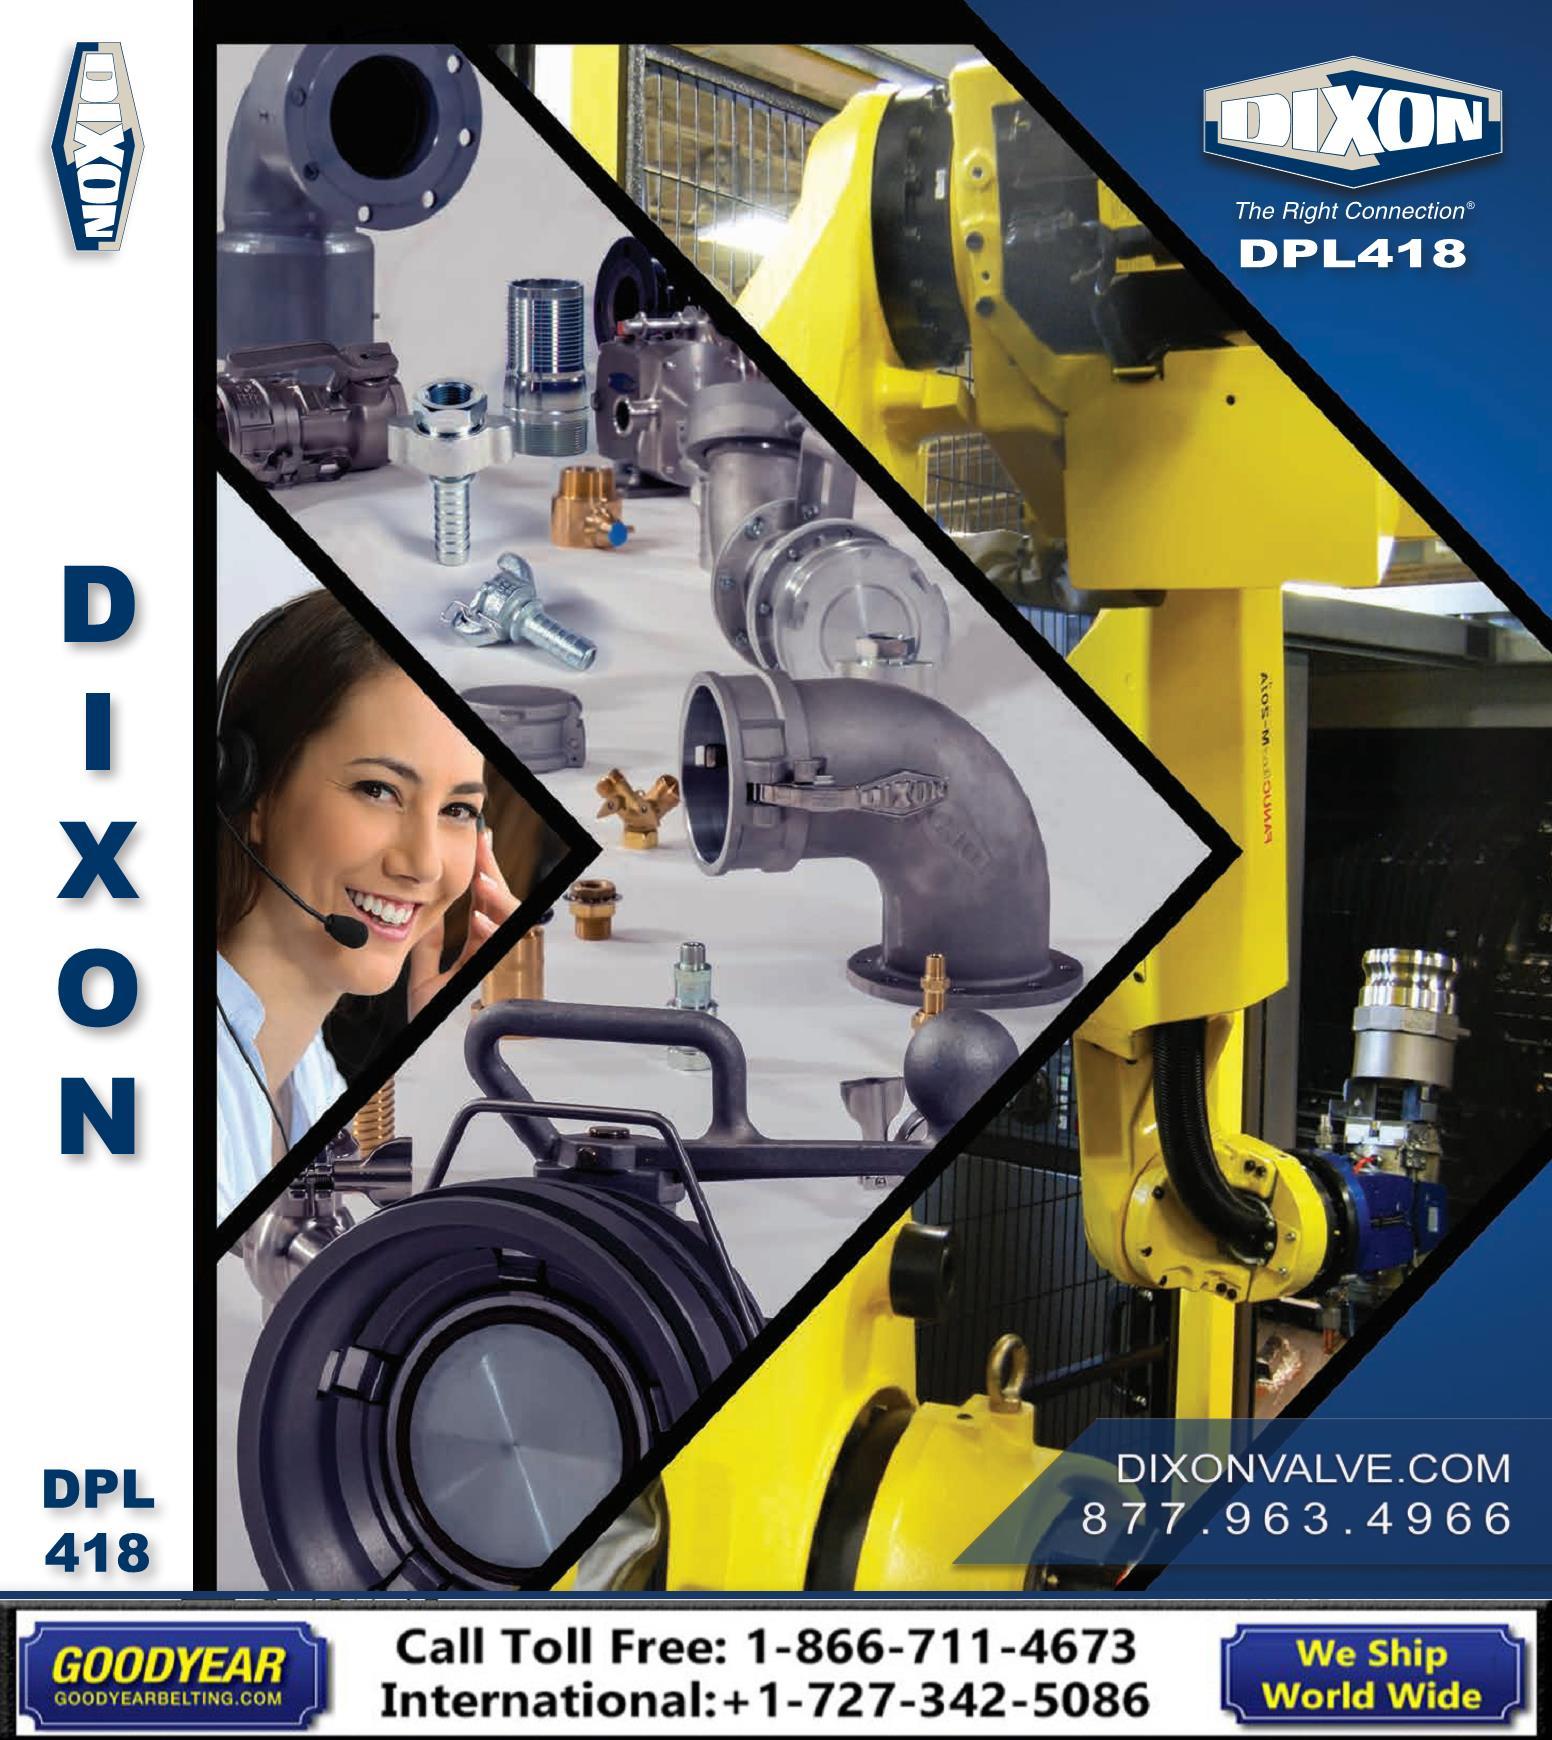 Dixon Full Catalog